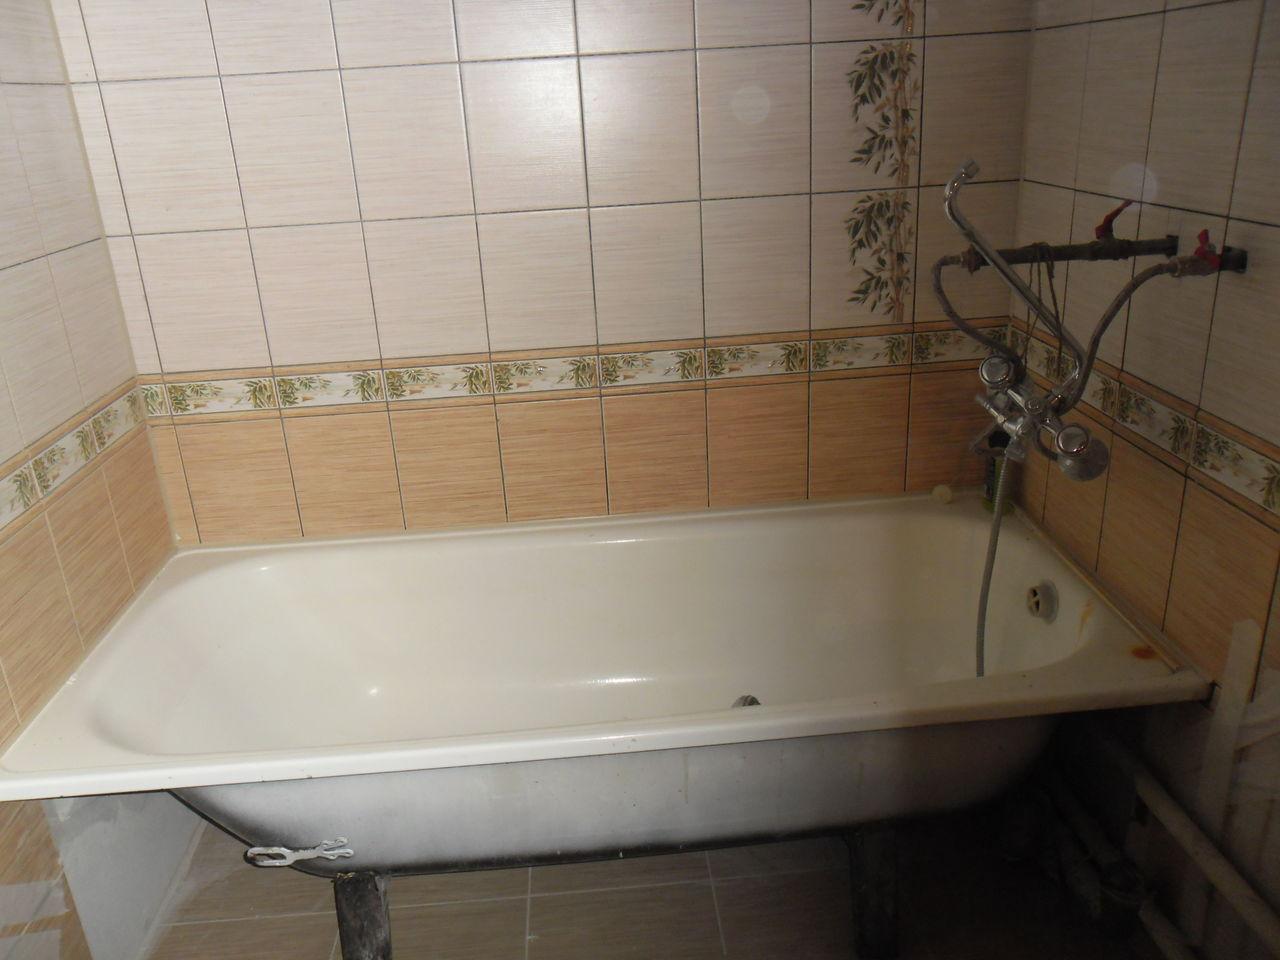 Ремонт ванных комнат подольск Полотенцесушитель водяной Тругор ЛЦ Идеал комби НП 3 П 80x60, с полкой